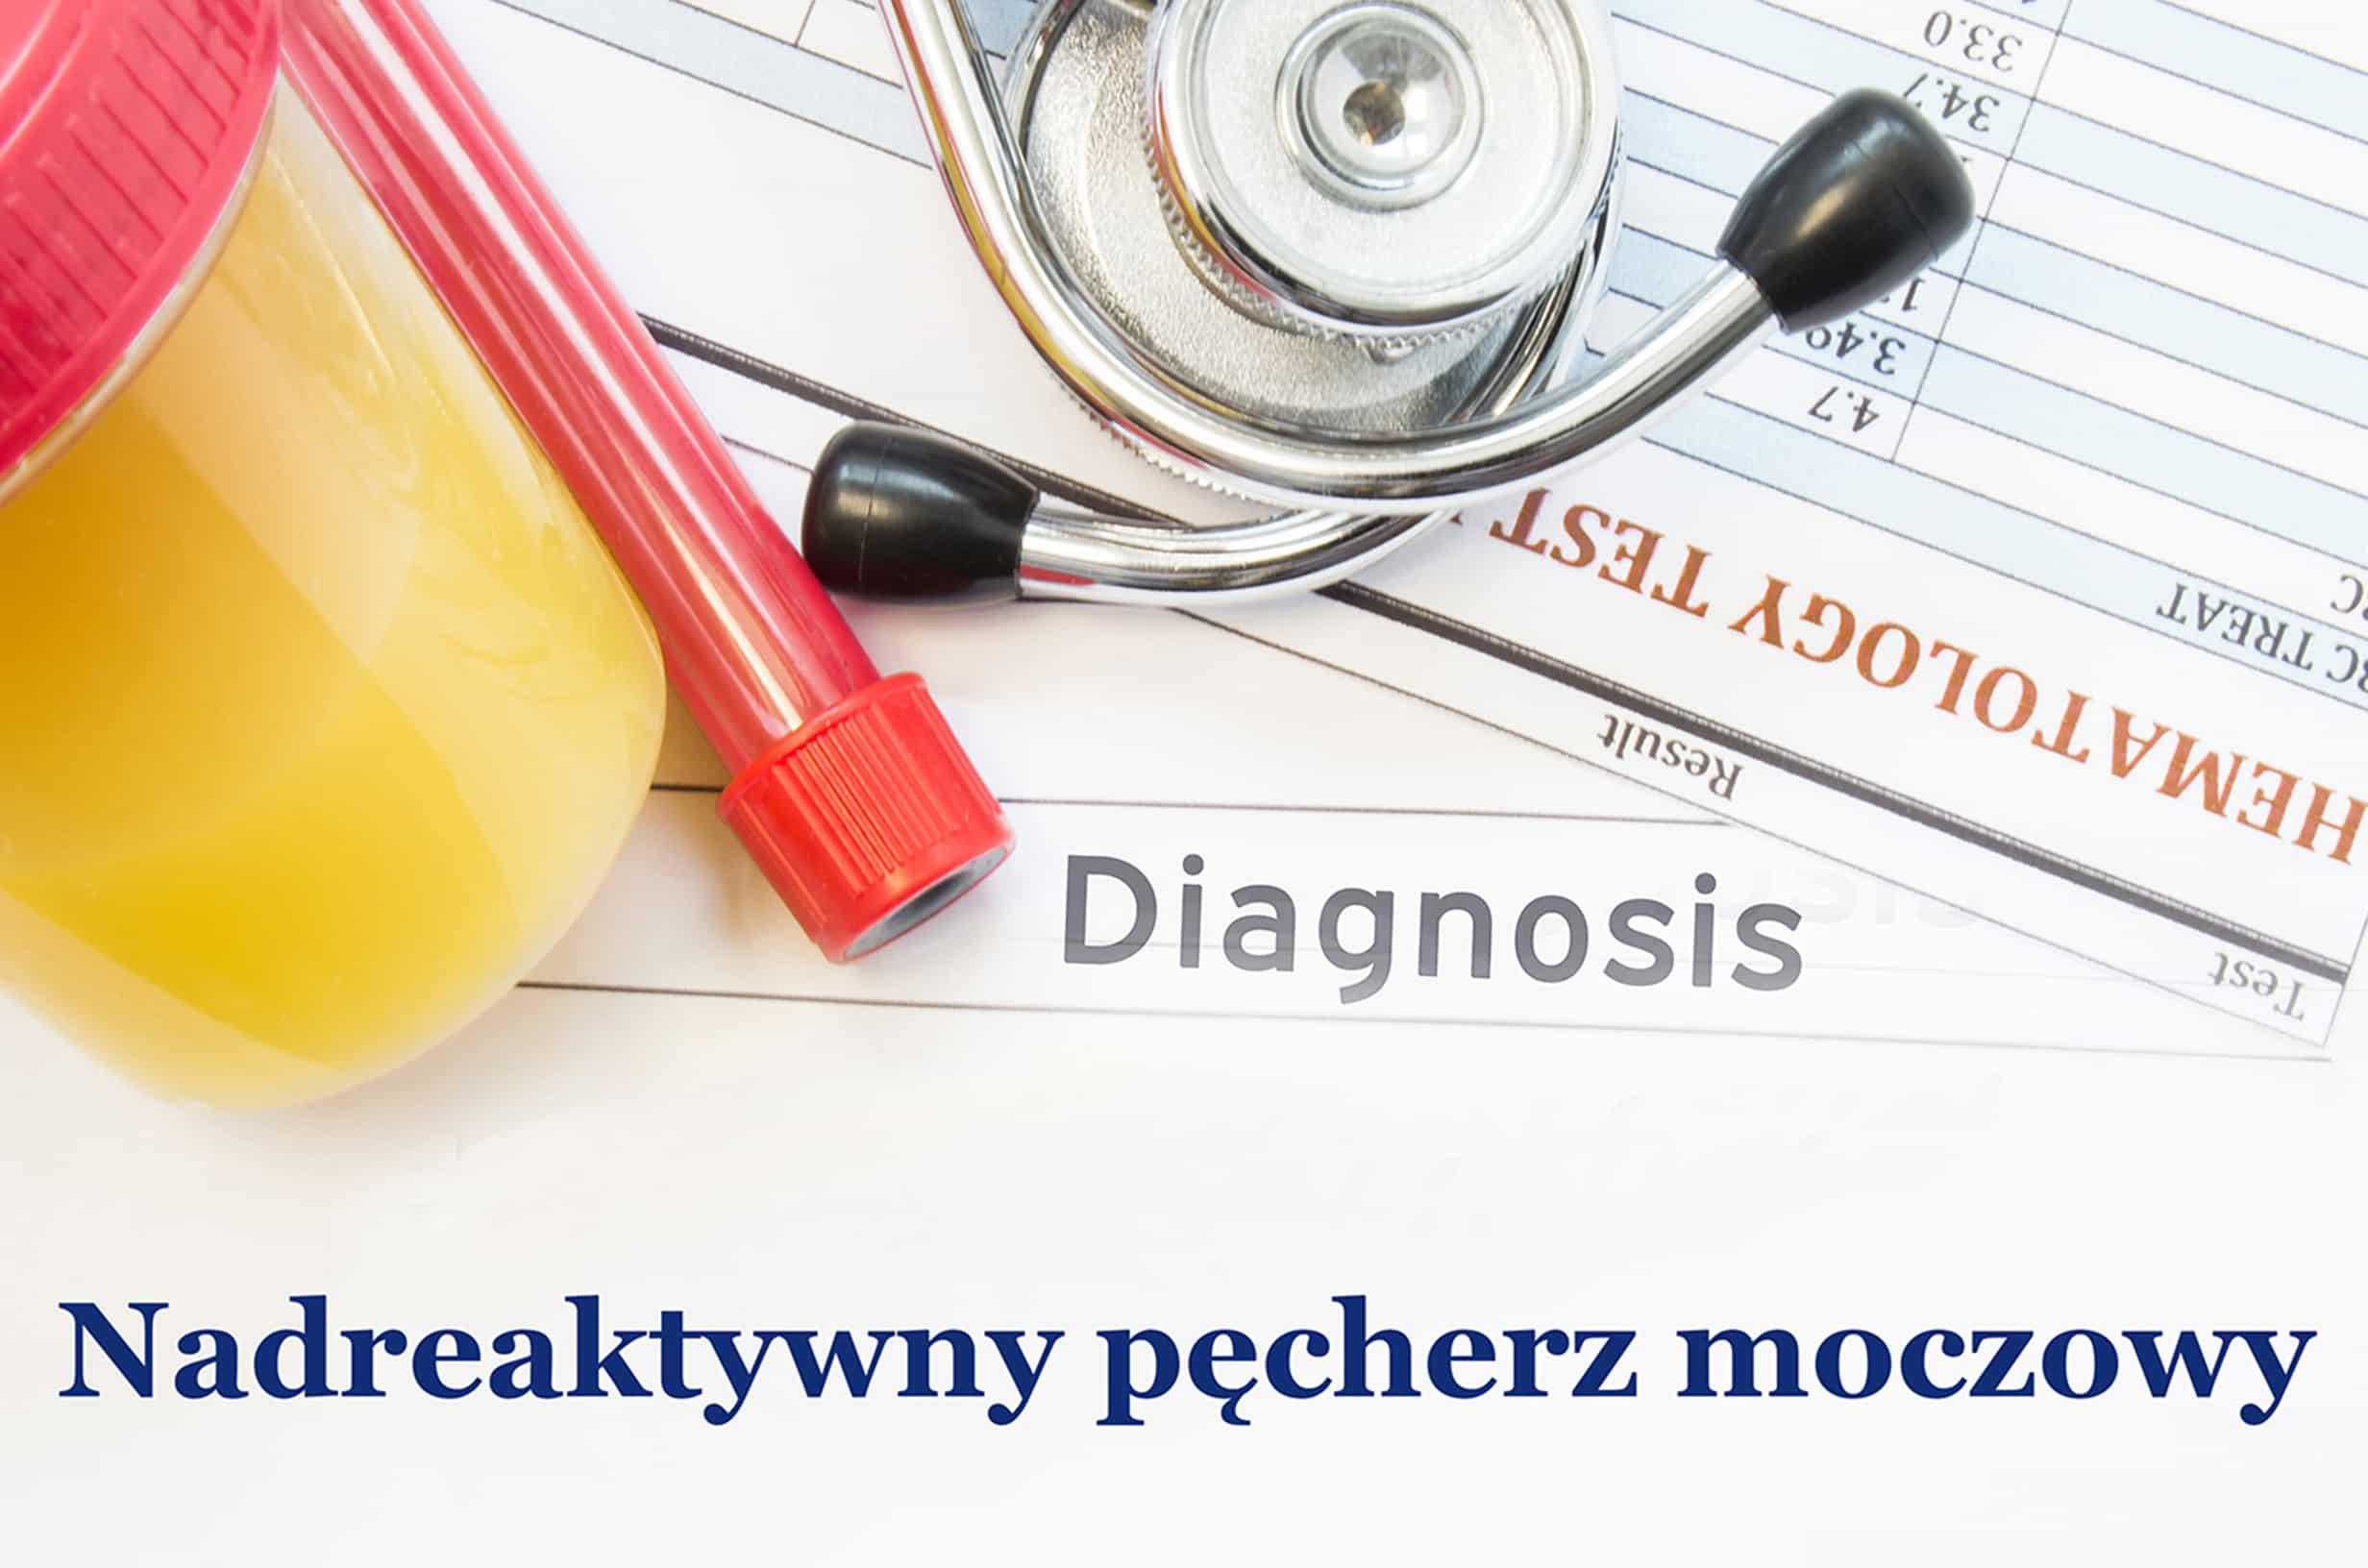 Nadreaktywny pęcherz moczowy - co warto o nim wiedzieć?